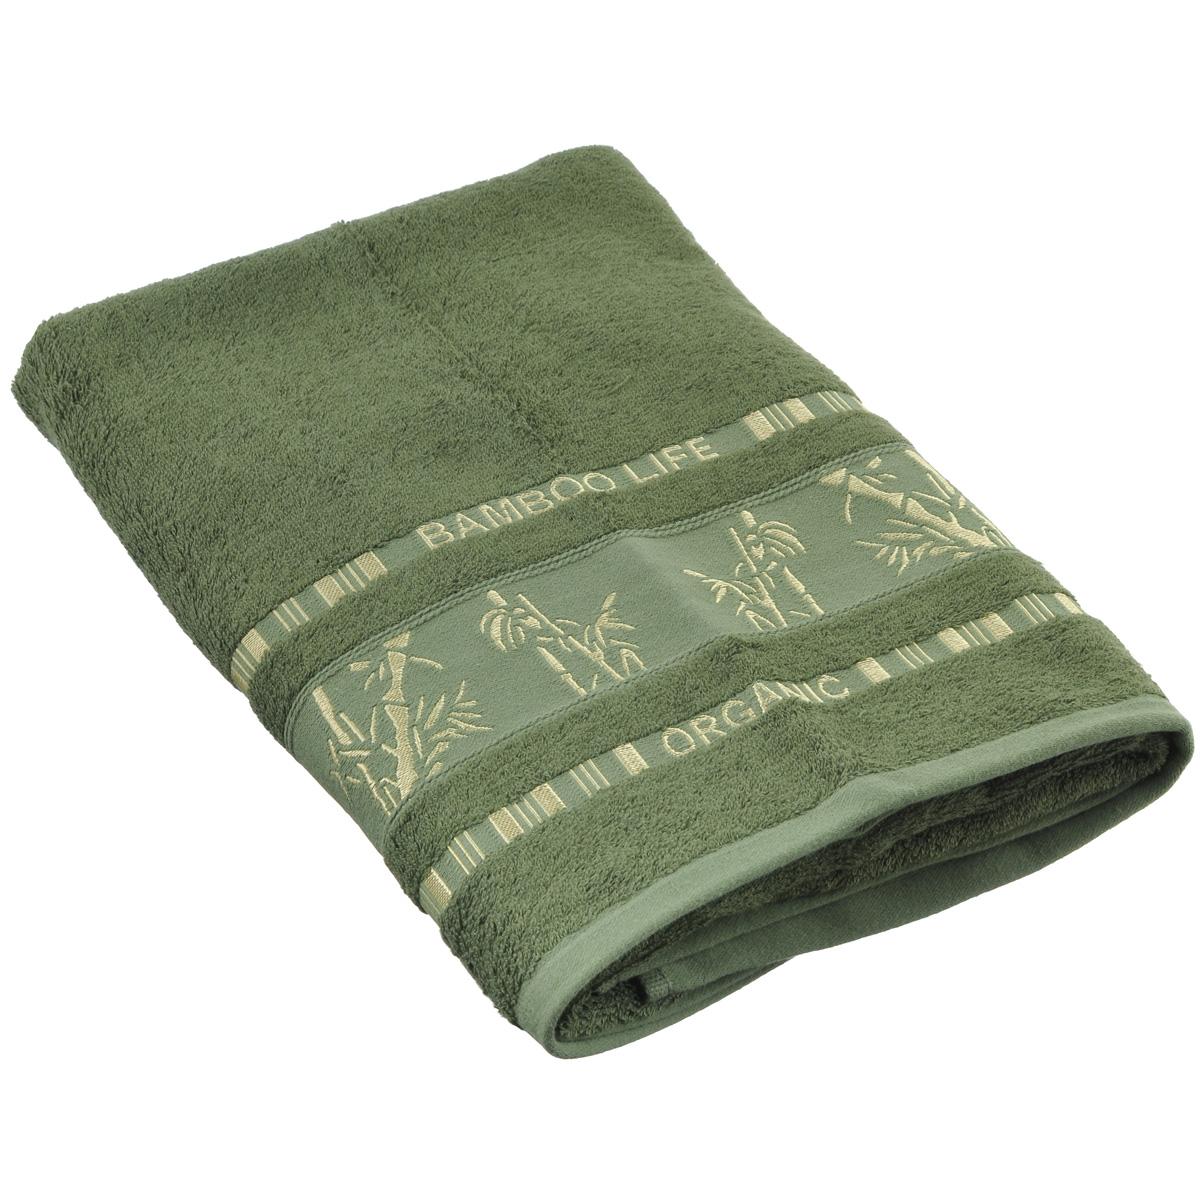 Полотенце Mariposa Bamboo, цвет: темно-зеленый, 70 см х 140 смKOC_SOL249_G4Полотенце Mariposa Bamboo, изготовленное из 60% бамбука и 40% хлопка, подарит массу положительных эмоций и приятных ощущений.Полотенца из бамбука только издали похожи на обычные. На самом деле, при первом же прикосновении вы ощутите невероятную мягкость и шелковистость. Таким полотенцем не нужно вытираться - только коснитесь кожи - и ткань сама все впитает! Несмотря на богатую плотность и высокую петлю полотенца, оно быстро сохнет, остается легким даже при намокании.Полотенце оформлено изображением бамбука. Благородный тон создает уют и подчеркивает лучшие качества махровой ткани. Полотенце Mariposa Bamboo станет достойным выбором для вас и приятным подарком для ваших близких.Размер полотенца: 70 см х 140 см.